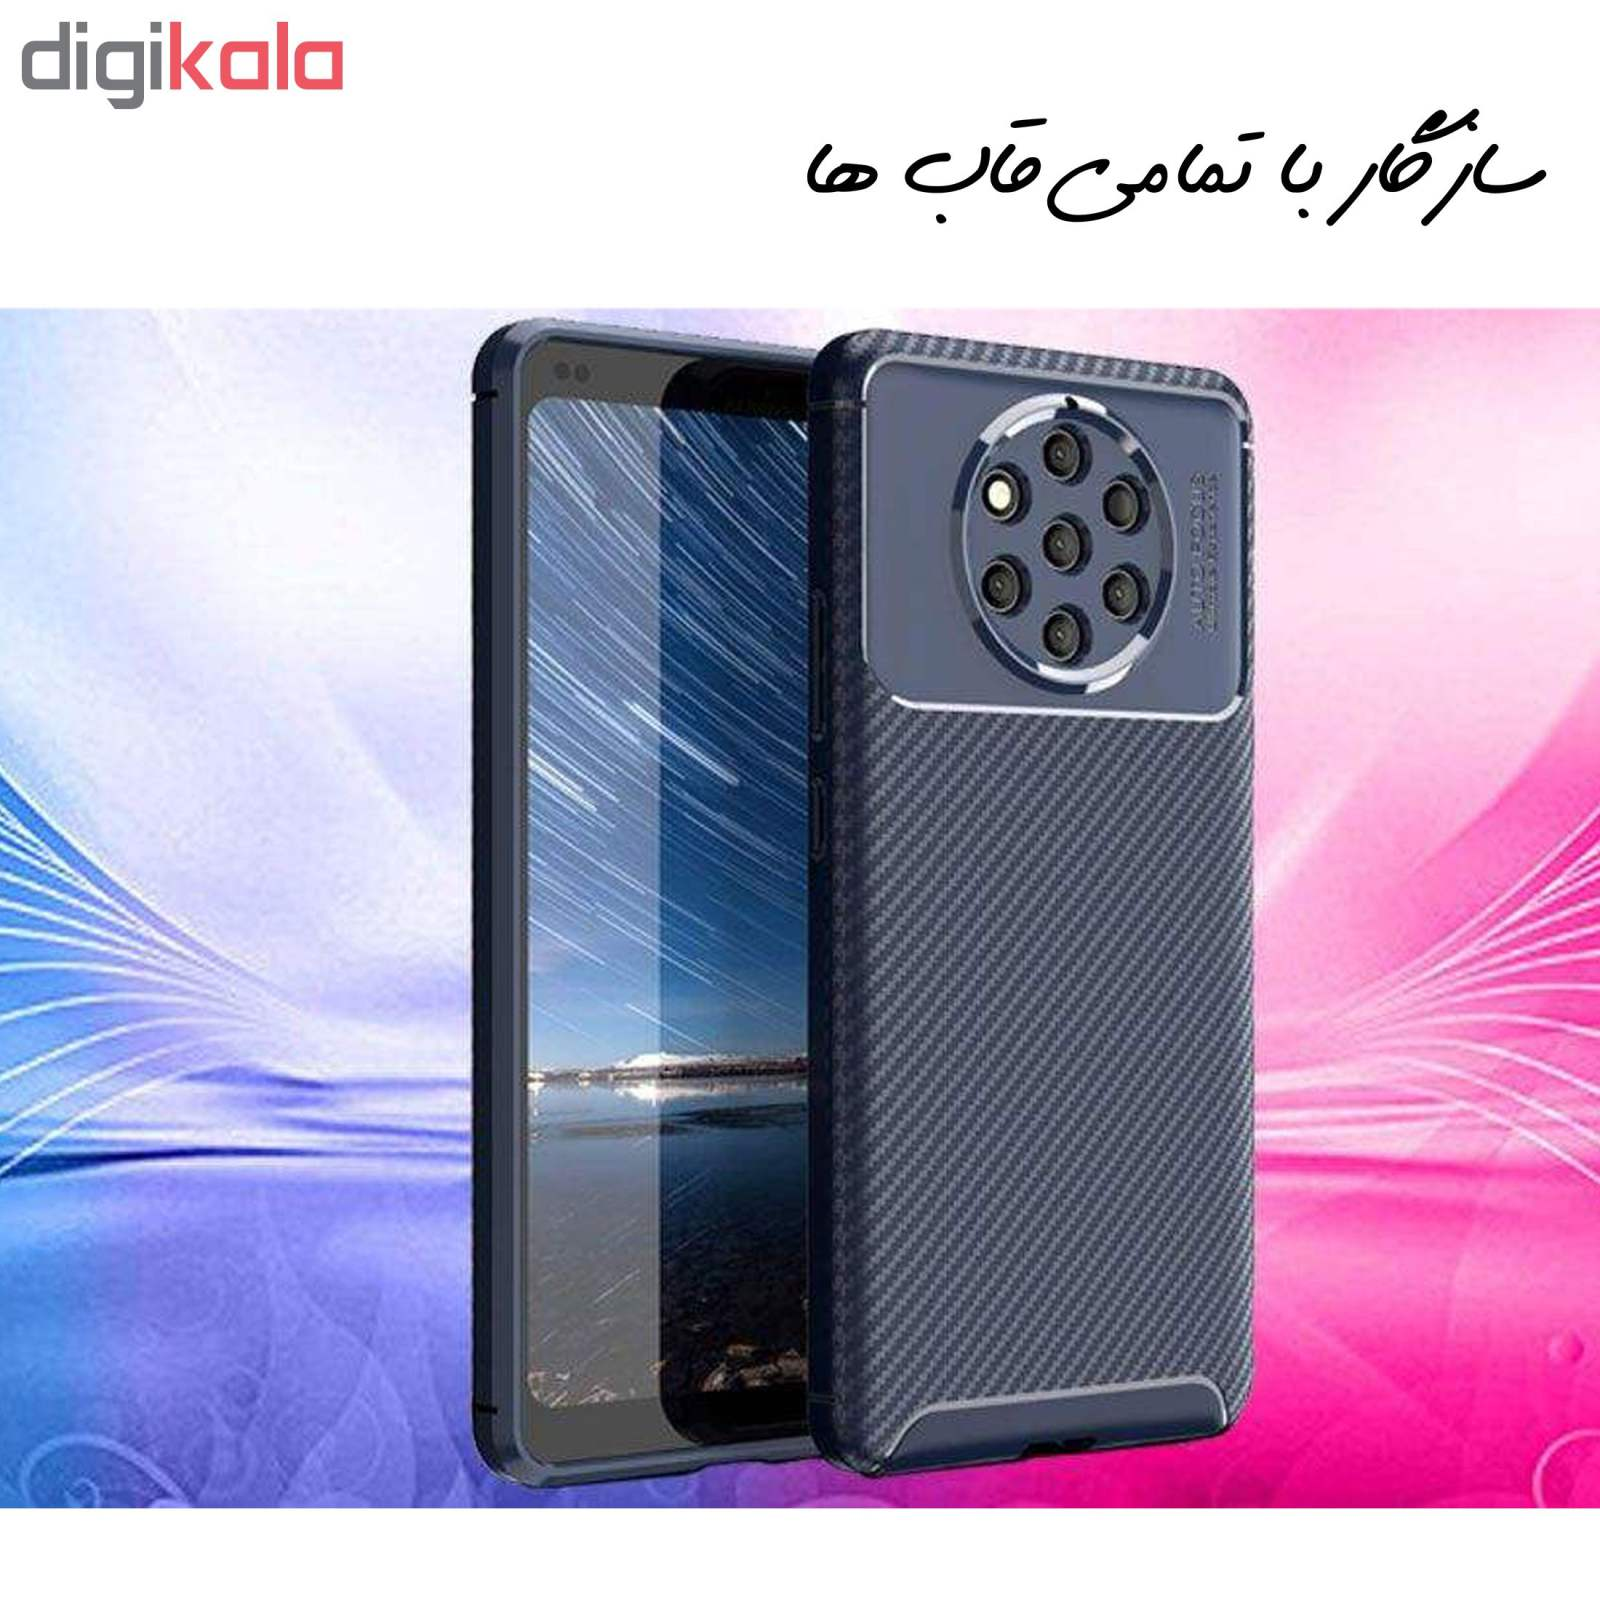 محافظ صفحه نمایش مات Hard and thick مدل F-01 مناسب برای گوشی موبایل سامسونگ Galaxy A10 main 1 6